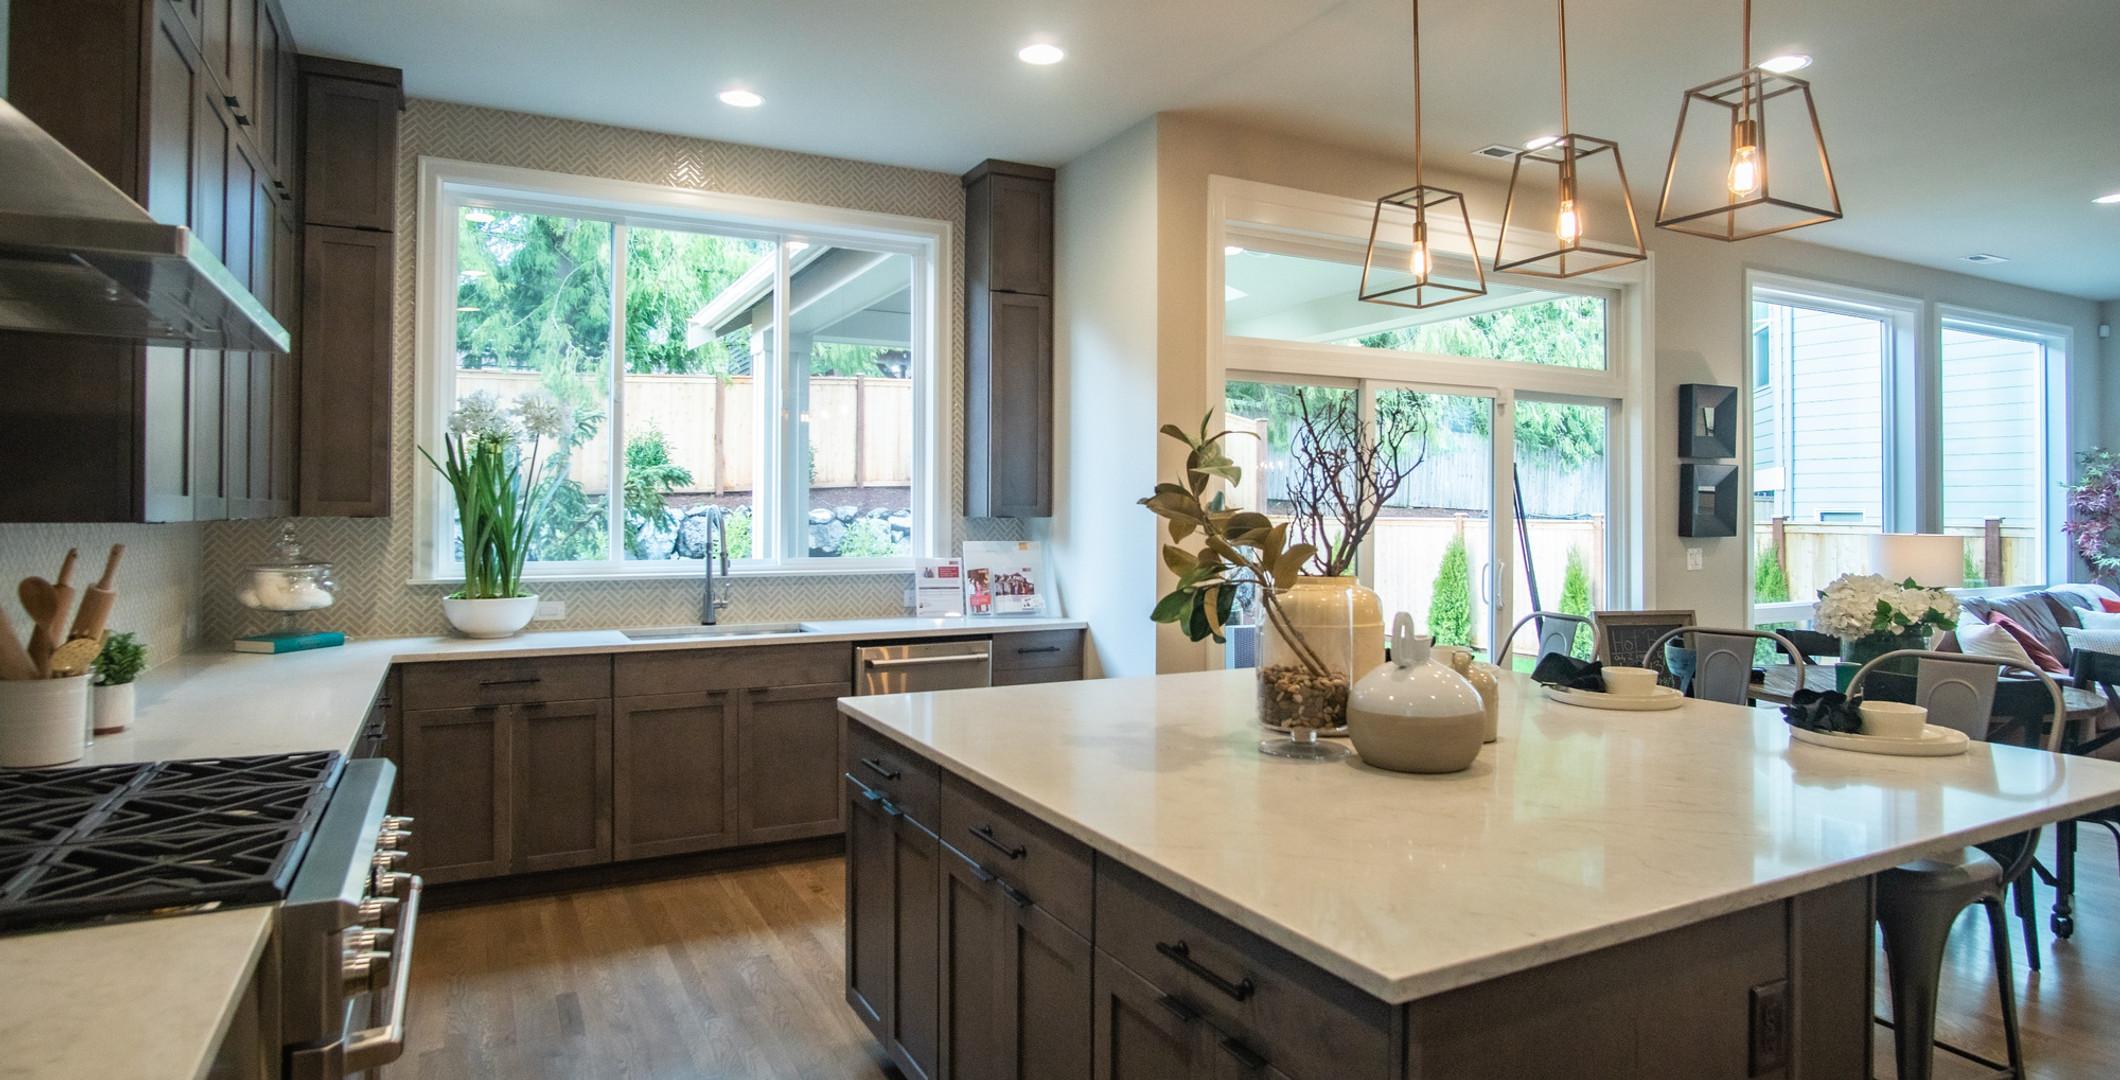 Robinson Paints - Interior Kitchen Paint